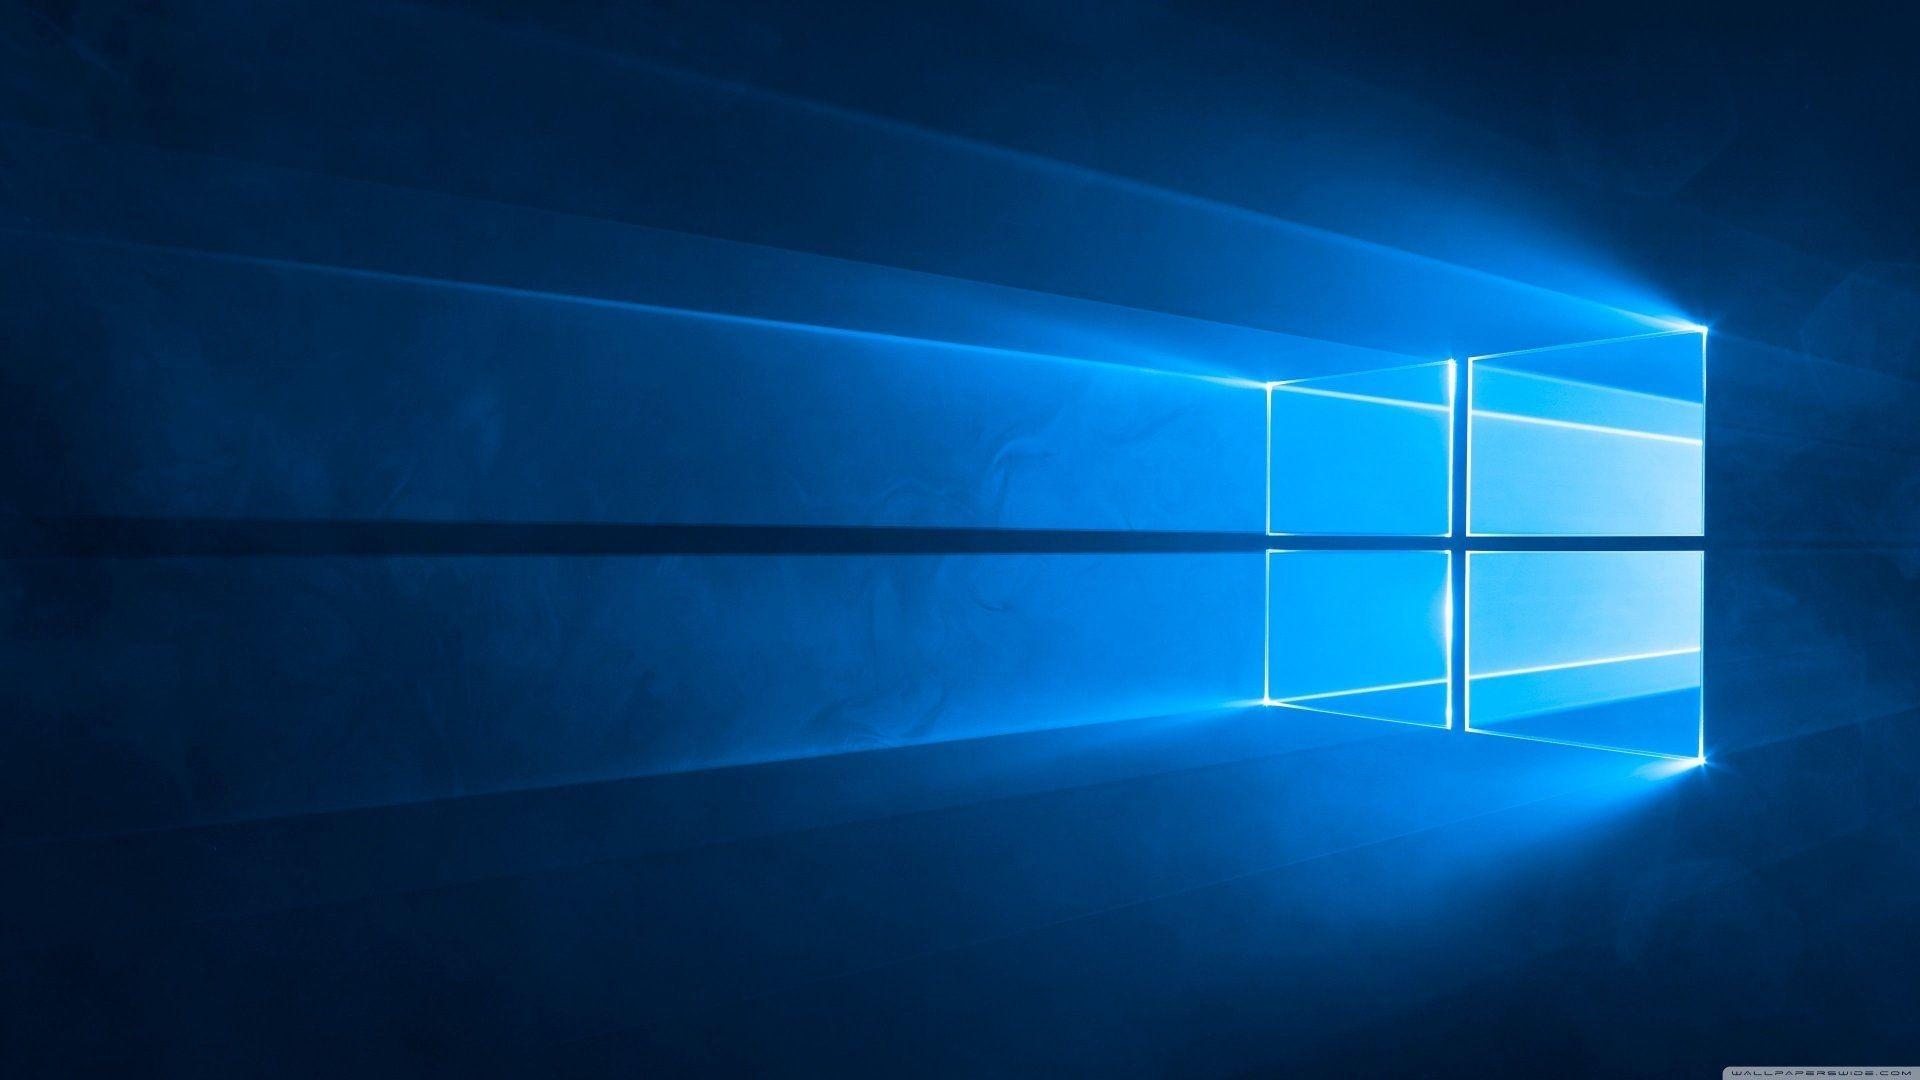 Windows 10 Orjinal Arka Plan resim